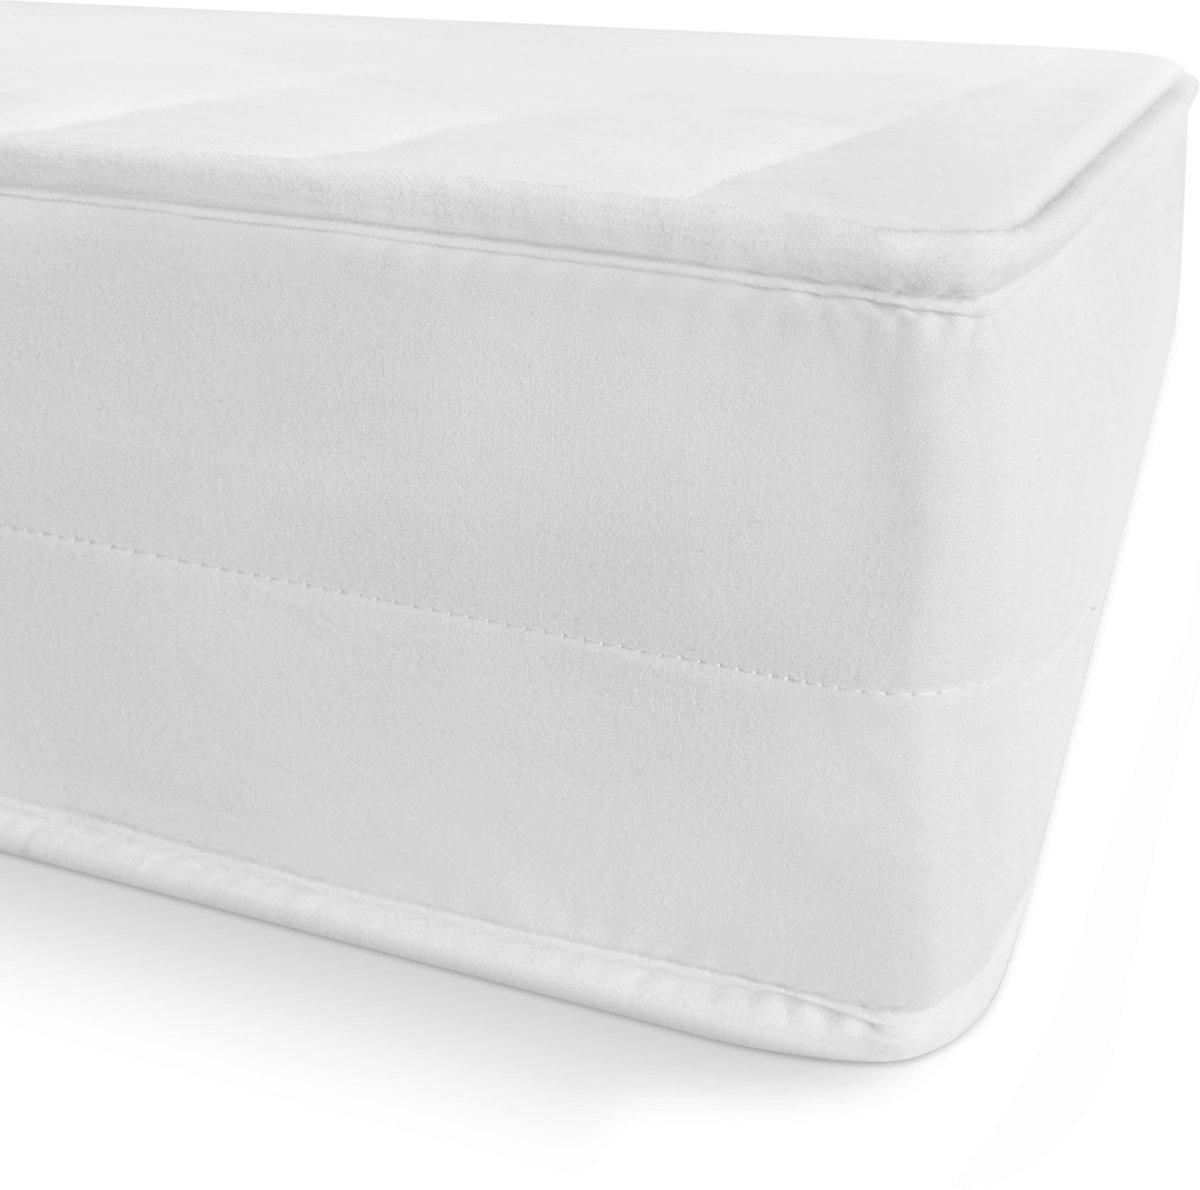 Matras - 140x200 - 7 zones - koudschuim - microvezel tijk - 15 cm hoog - twijfelaar bed